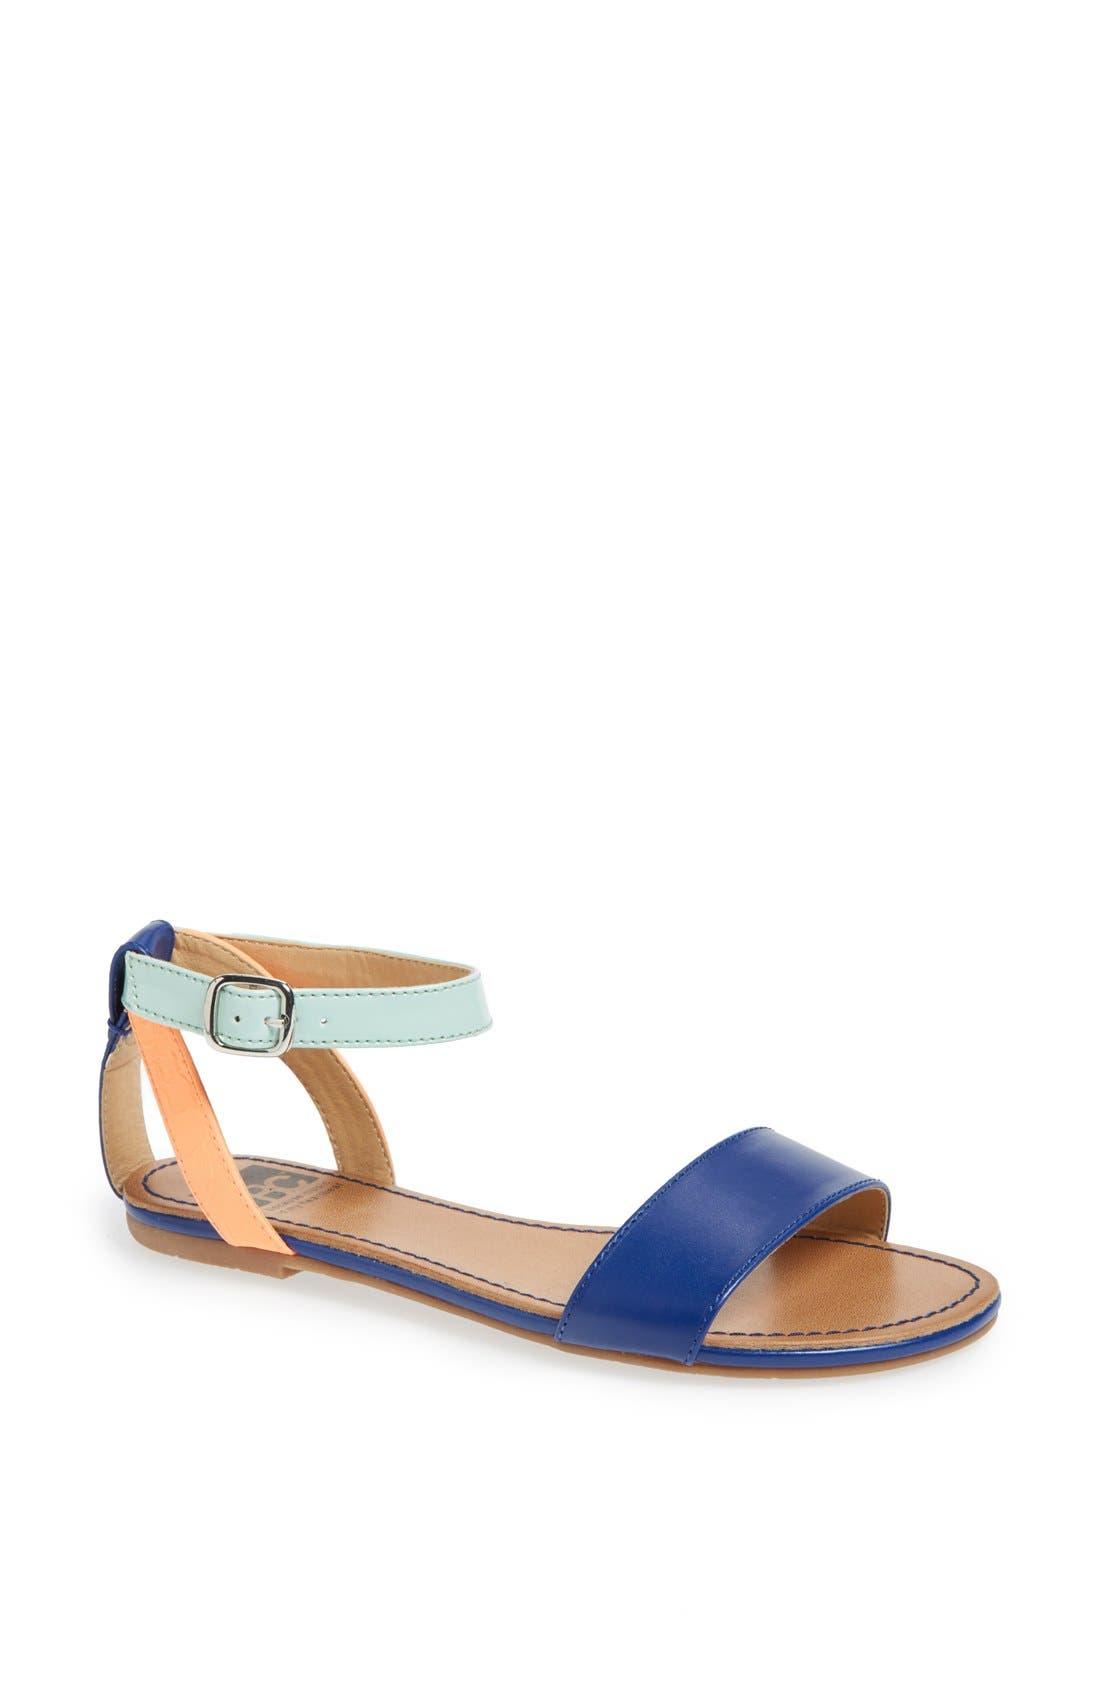 Alternate Image 1 Selected - BC Footwear 'Natural Instincts' Sandal